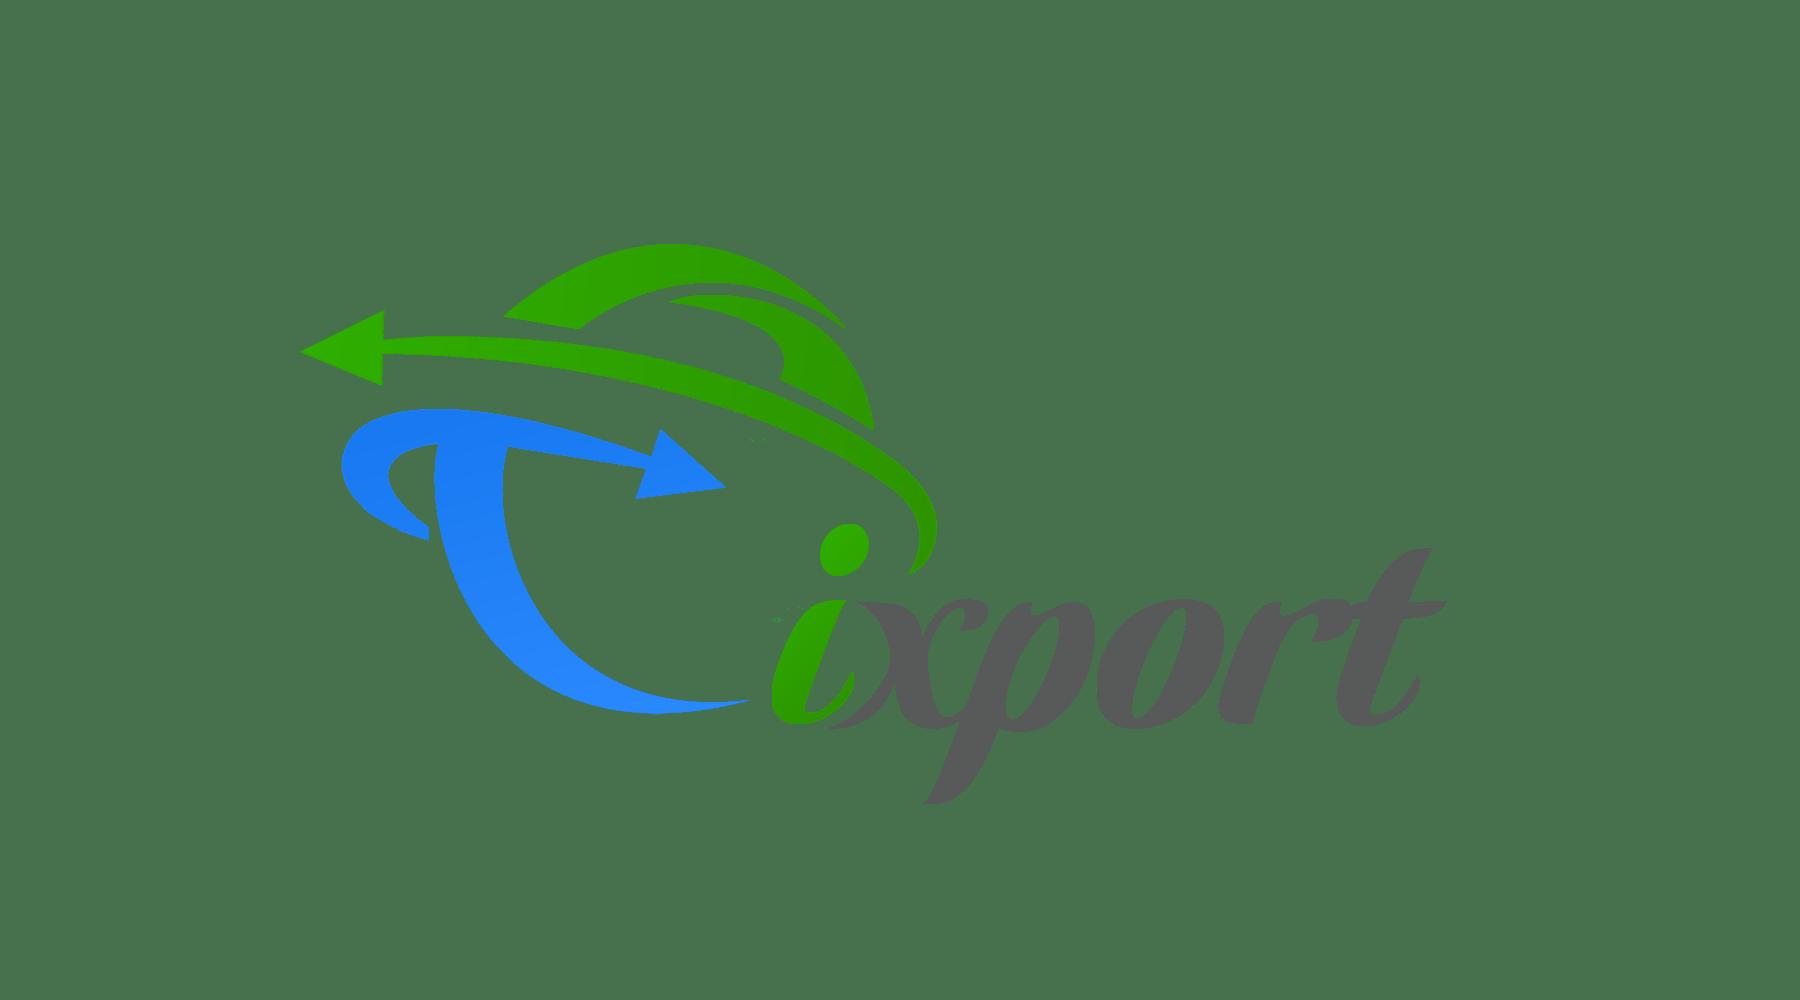 ixport f